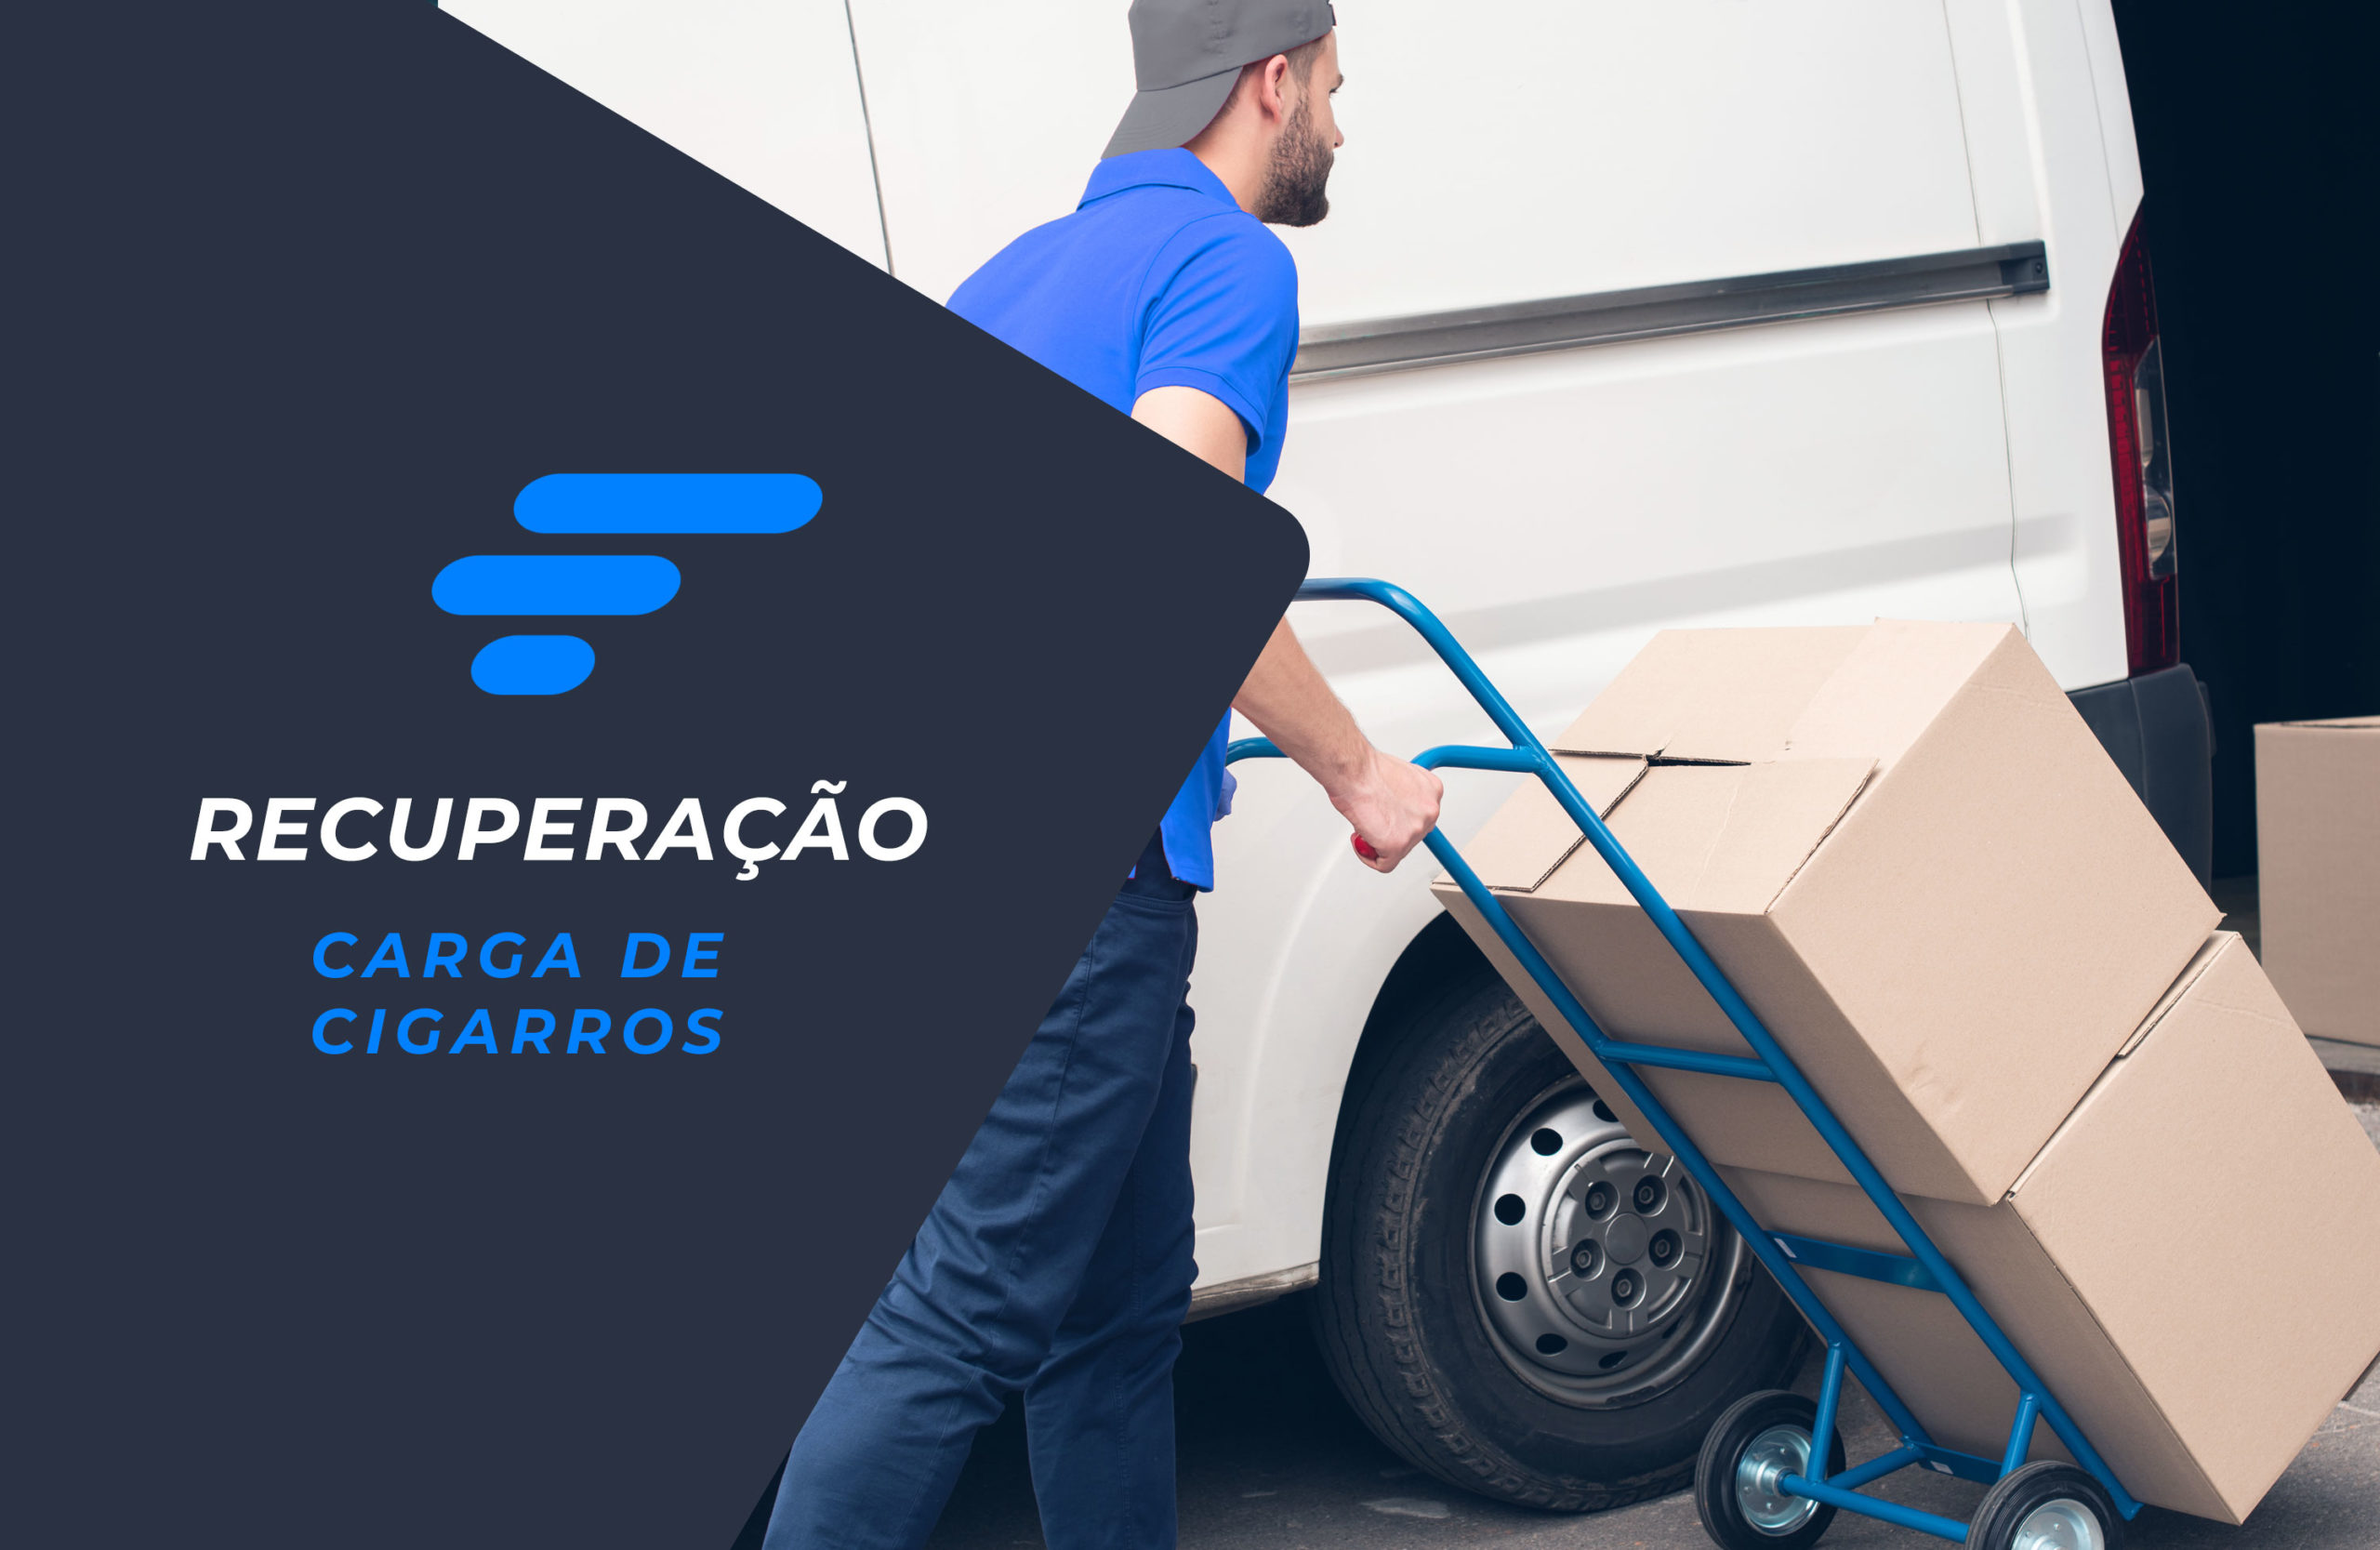 Recuperação de carga de cigarros em Pontal do Sul – PR